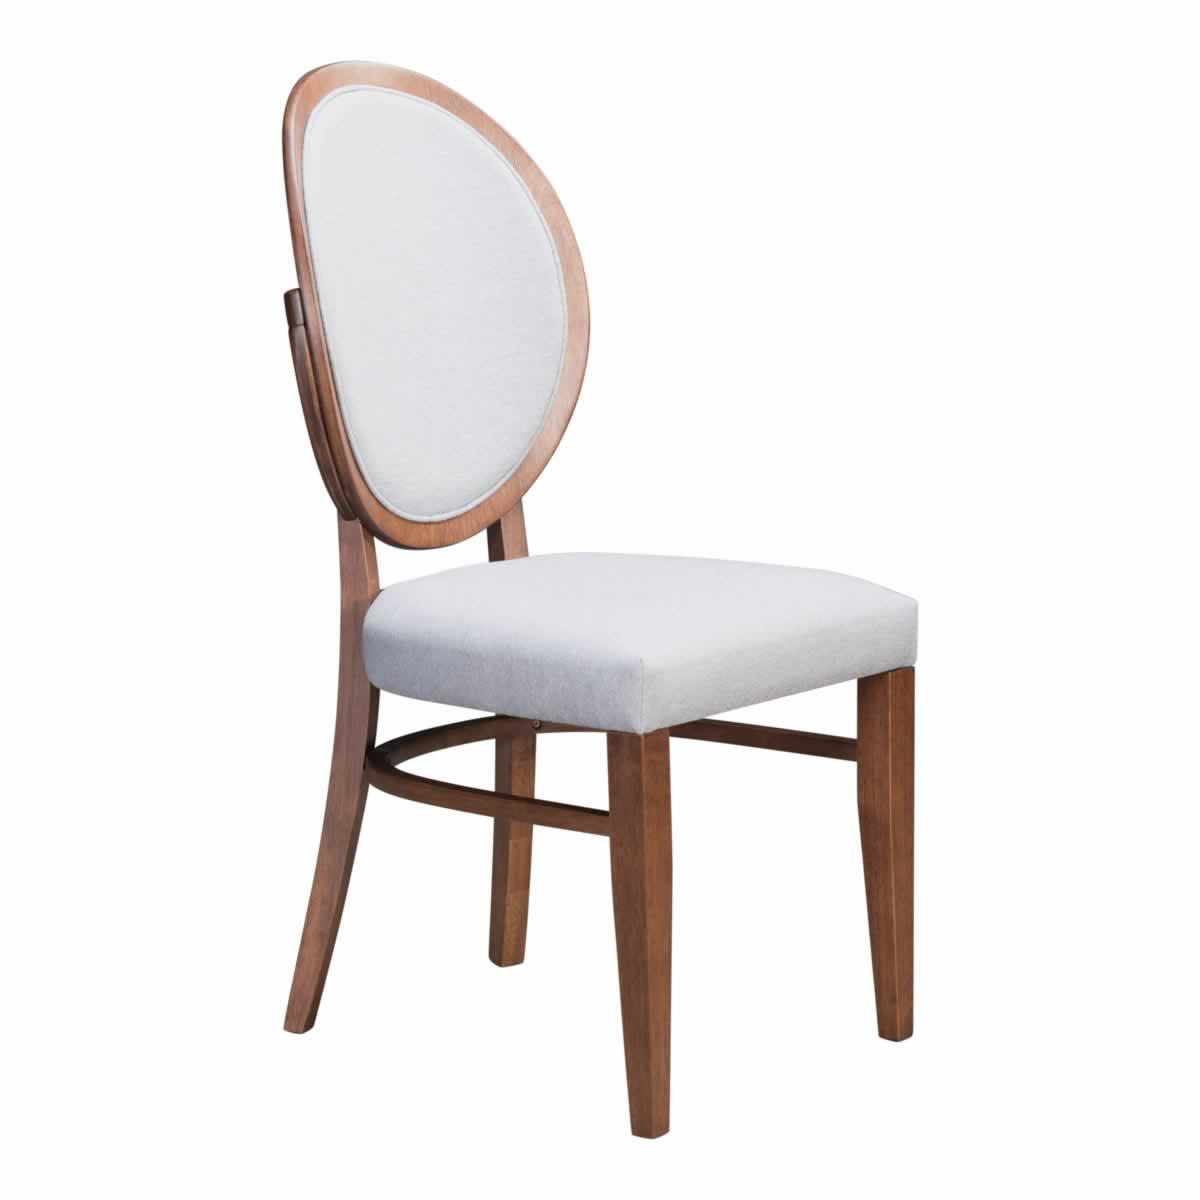 Zuo Modern Furniture